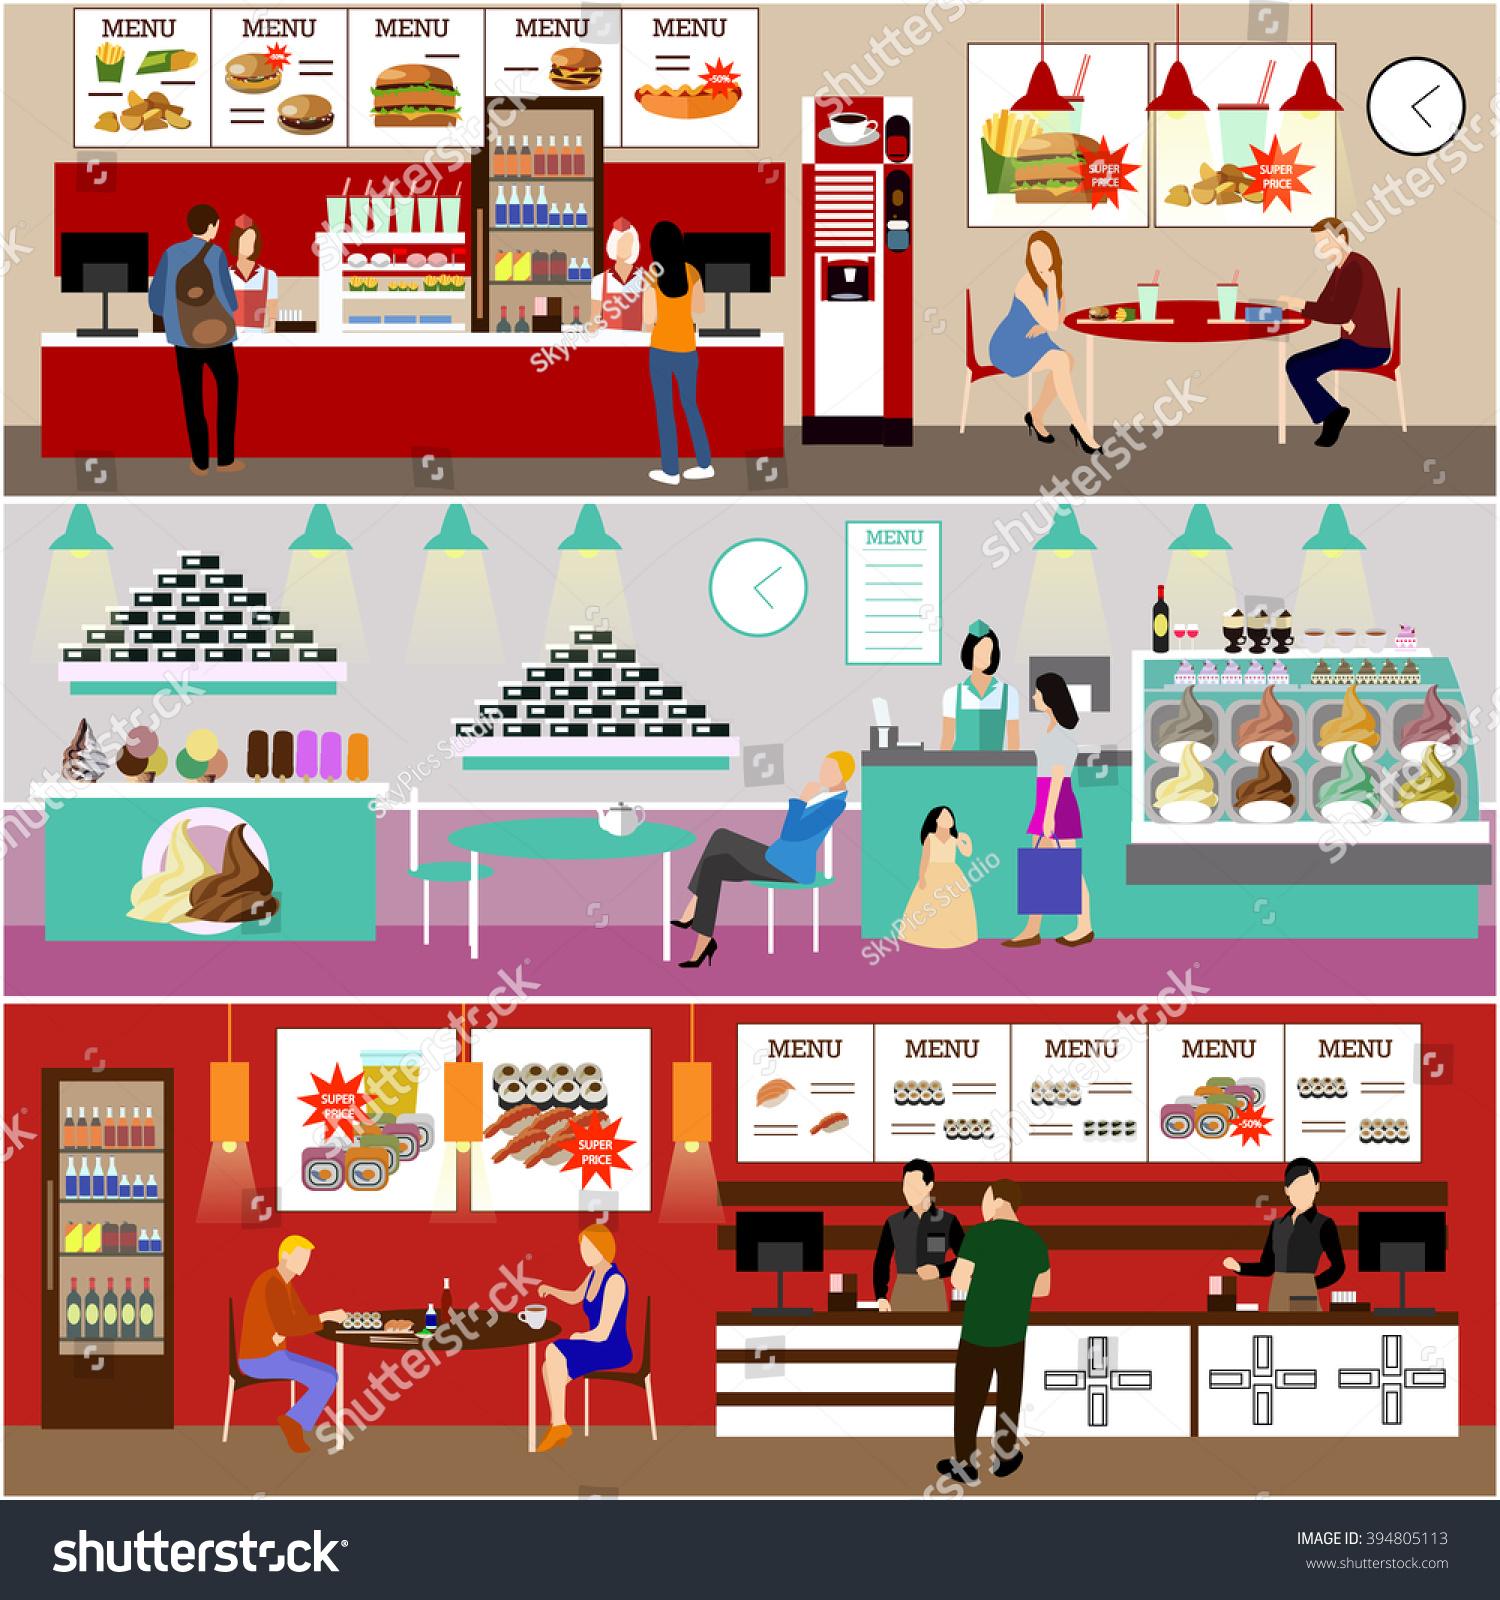 Fast food restaurant interior vector illustration stock